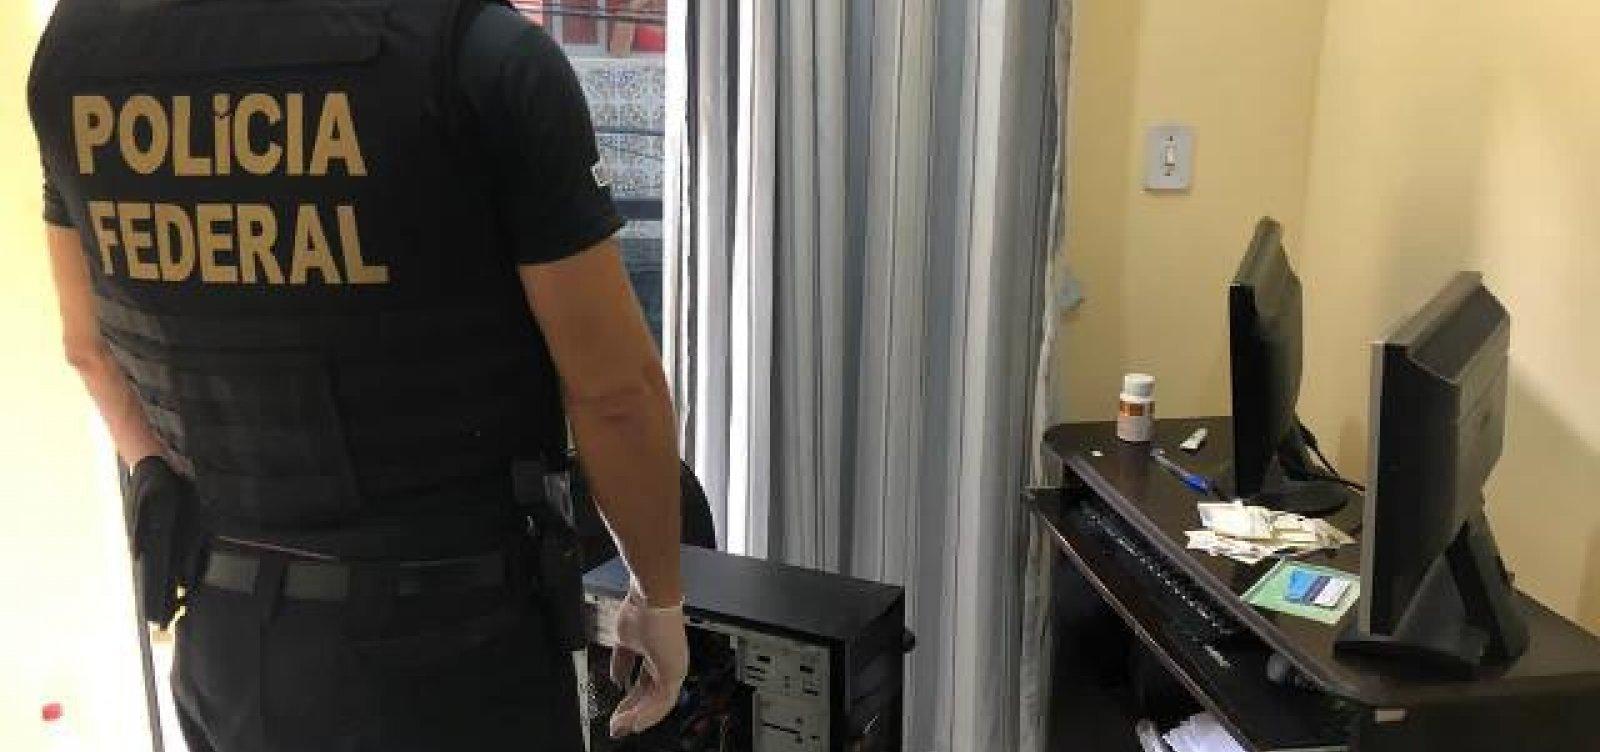 PF cumpre mandado de busca e apreensão em operação contra pedofilia em Salvador